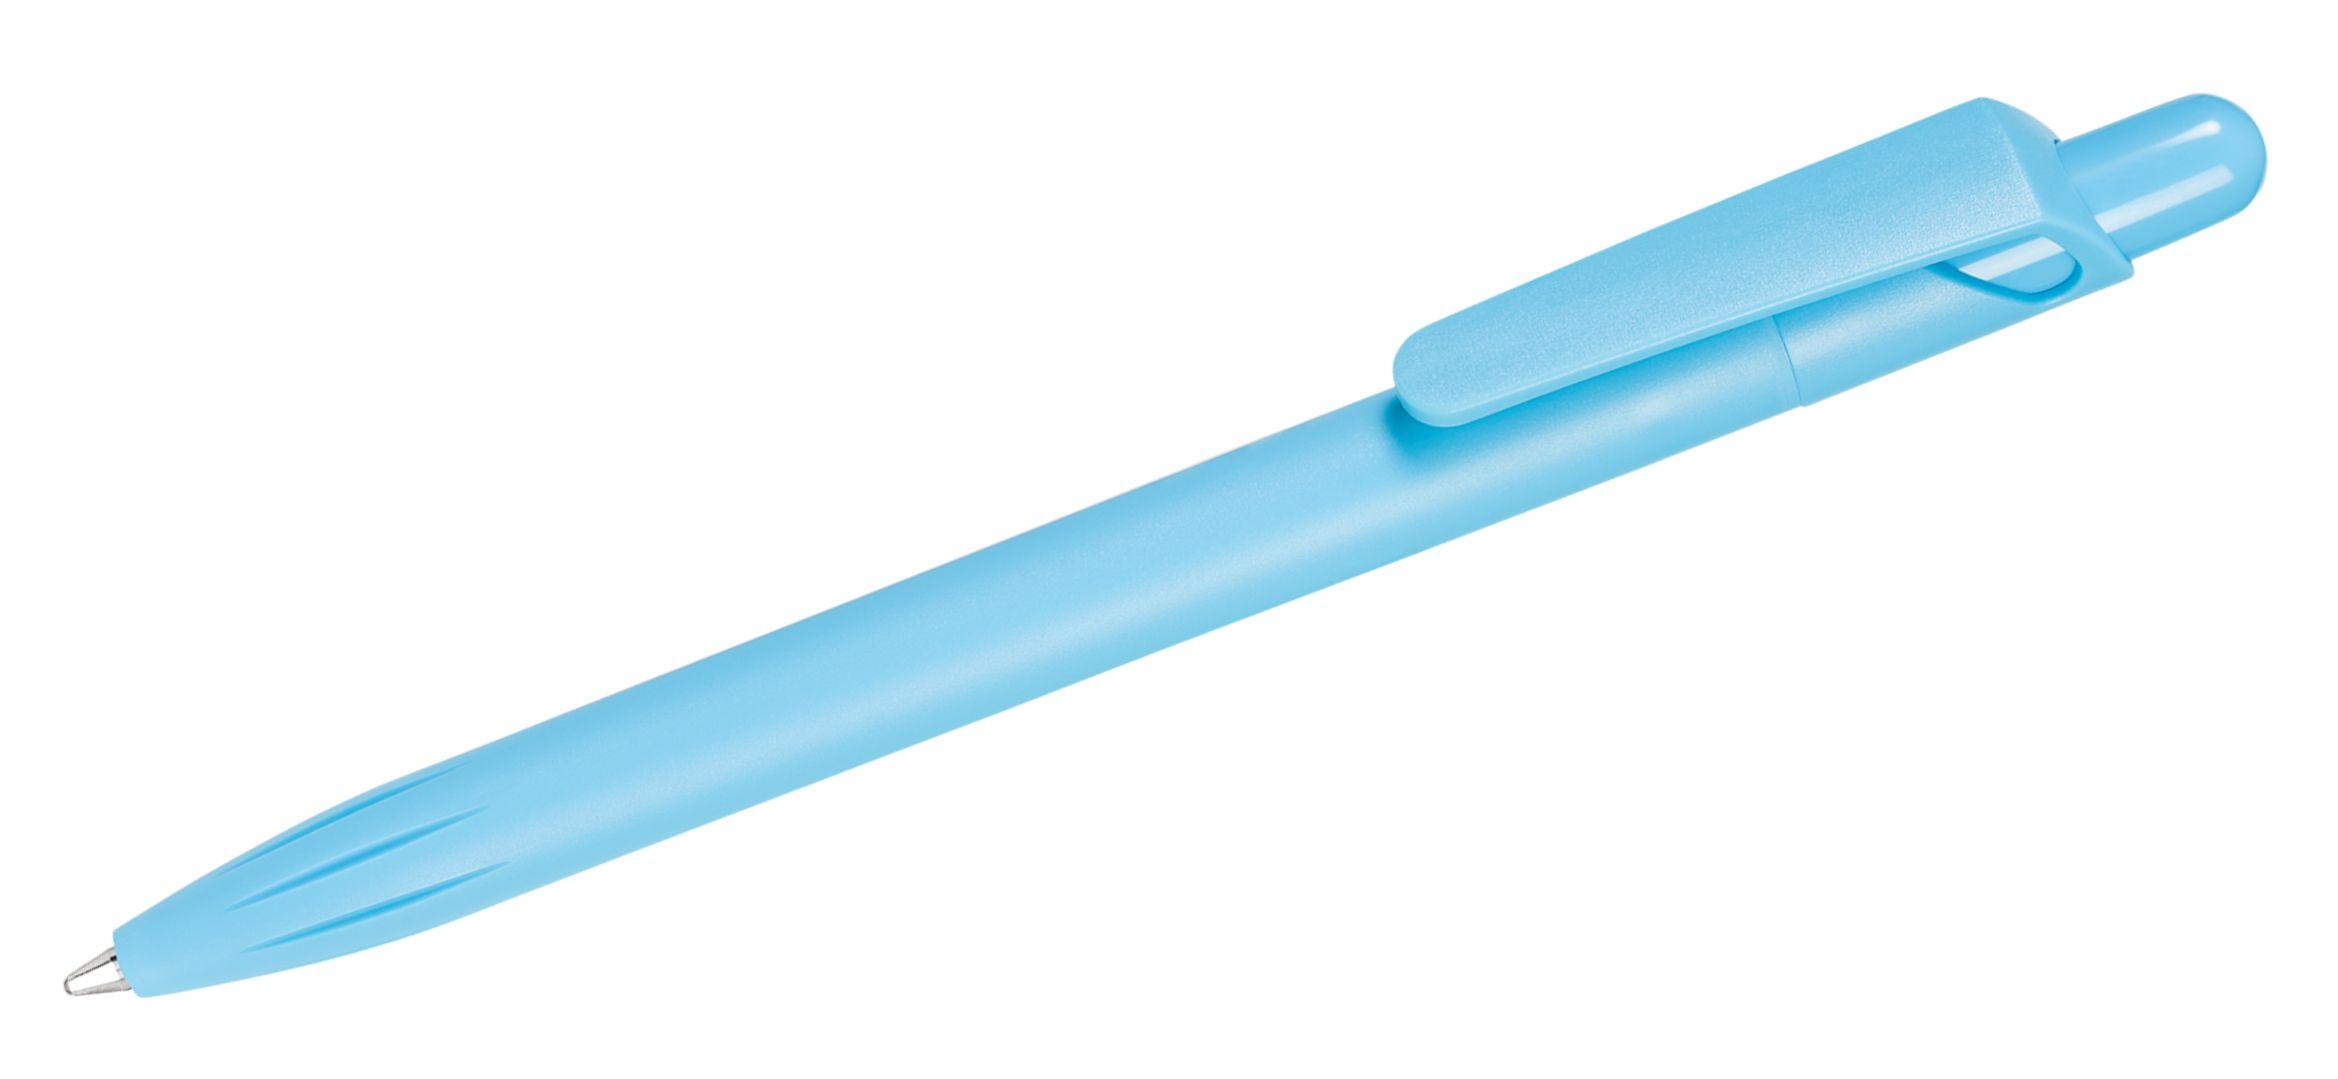 ручки из RPET материала